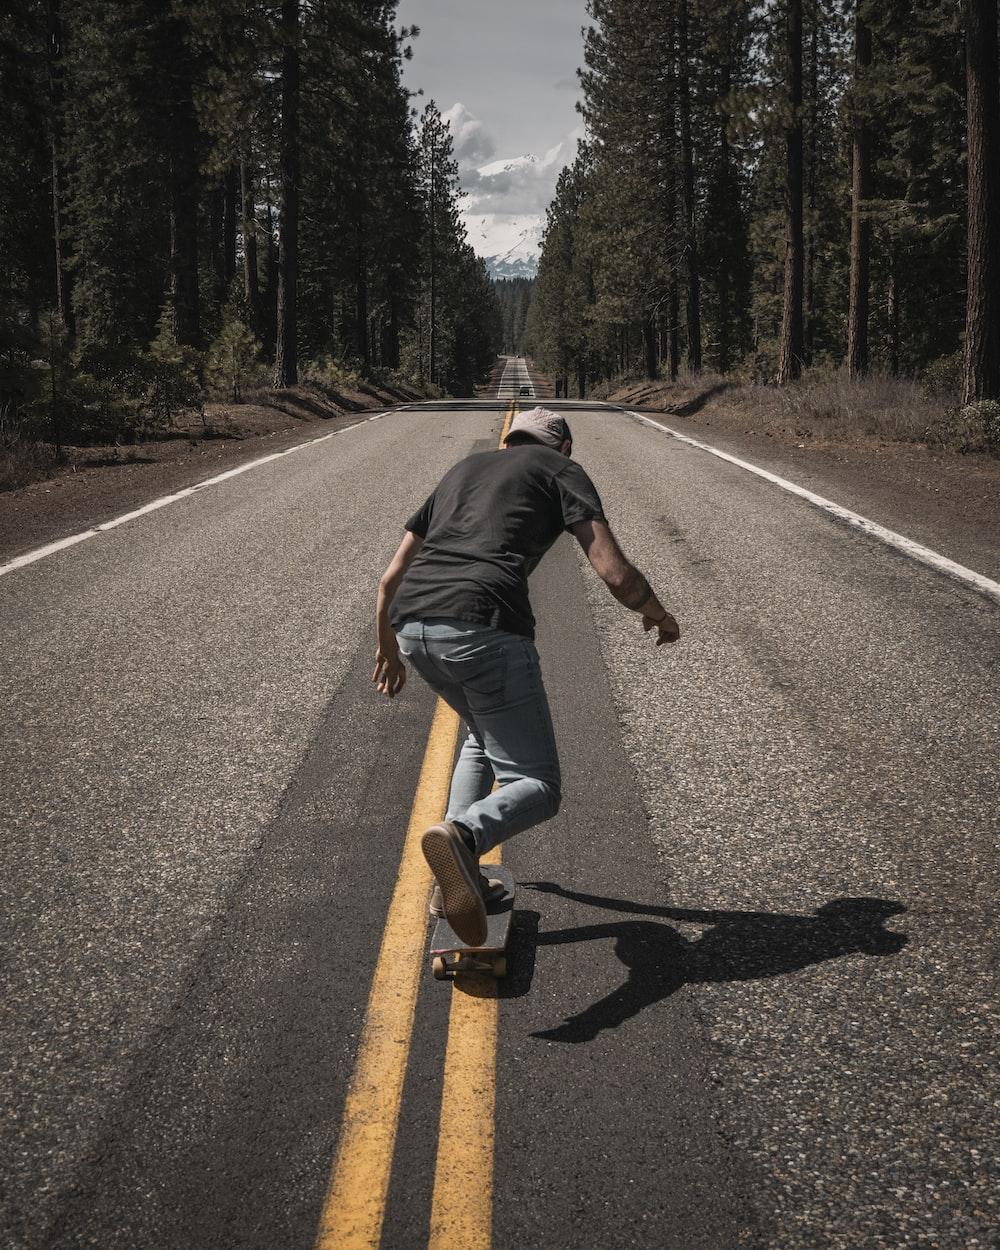 man playing skateboard on road during daytime